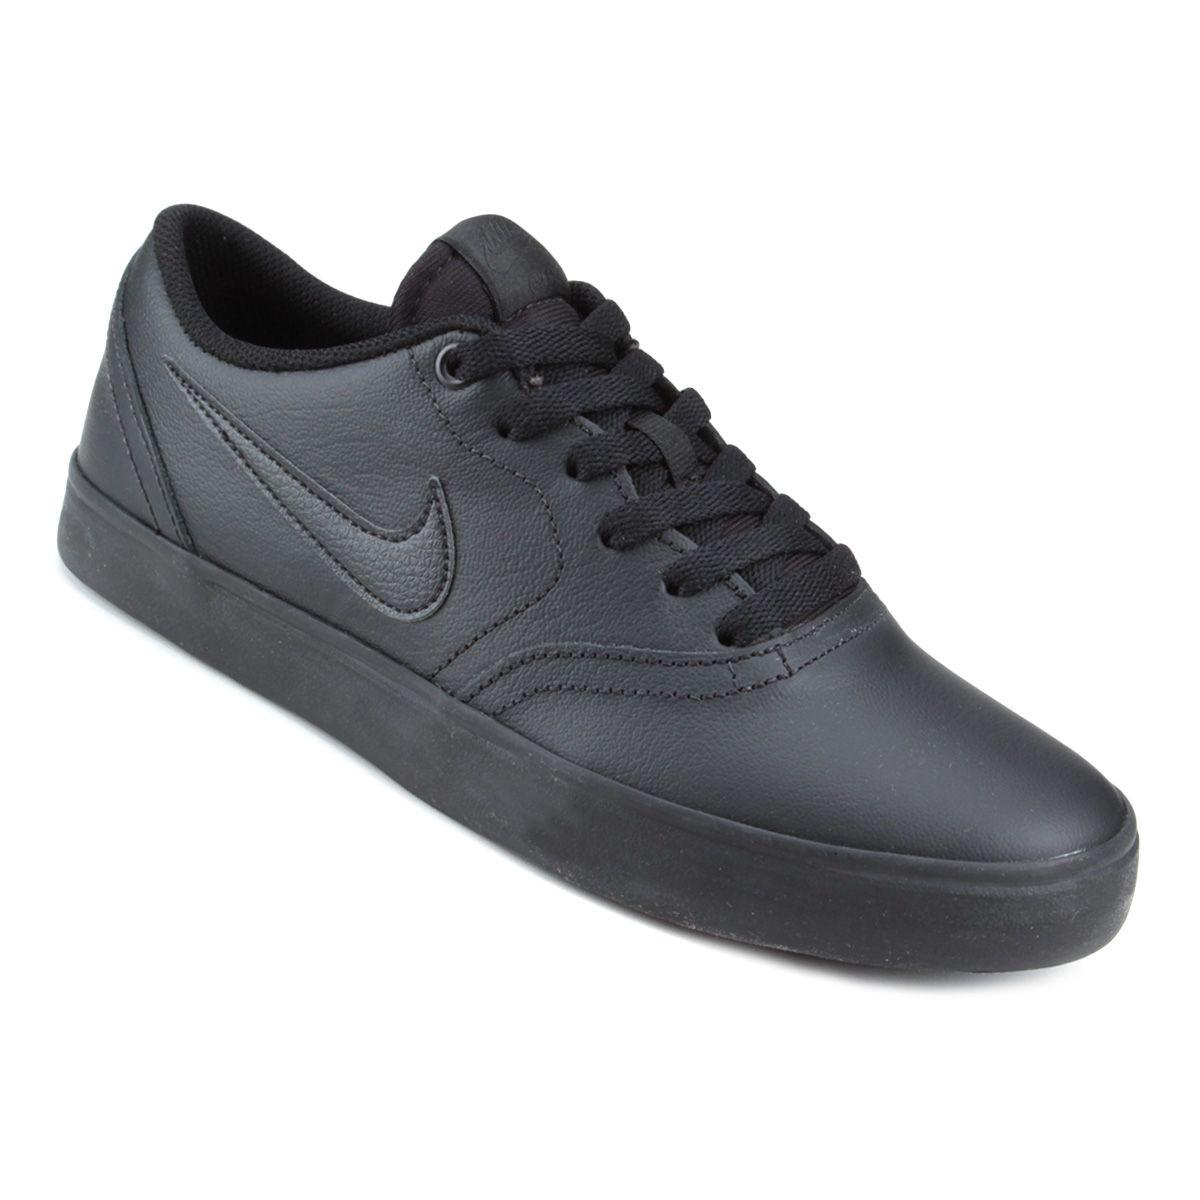 Tênis Nike Sb Check Solar Masculino NETSHOES  1dbae603b582f